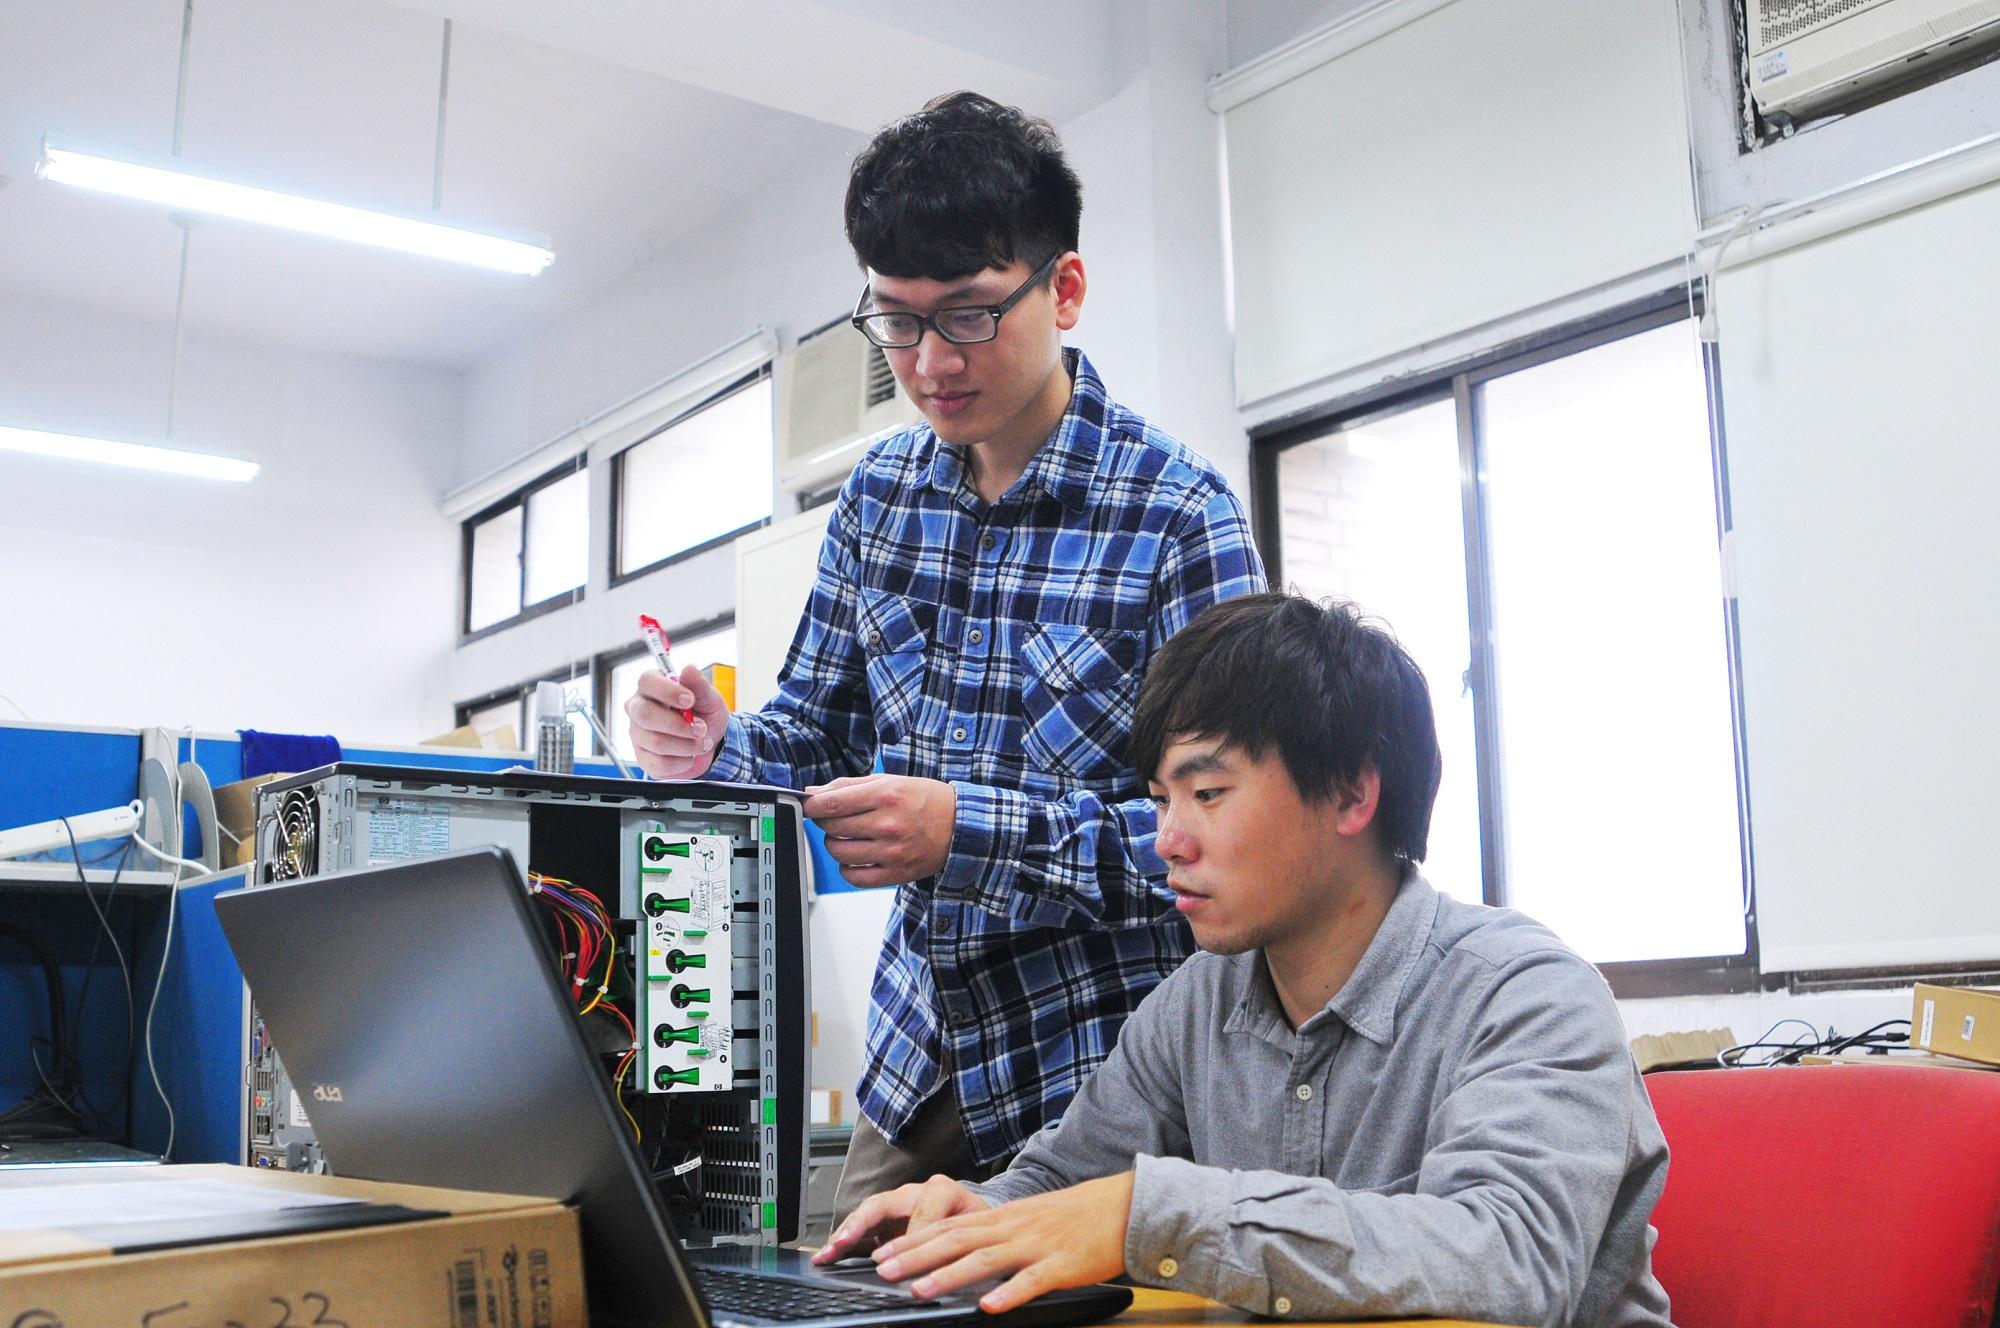 左-電子系碩二呂紹廷、右-電子系碩二呂坤隆-電腦維修工作.JPG